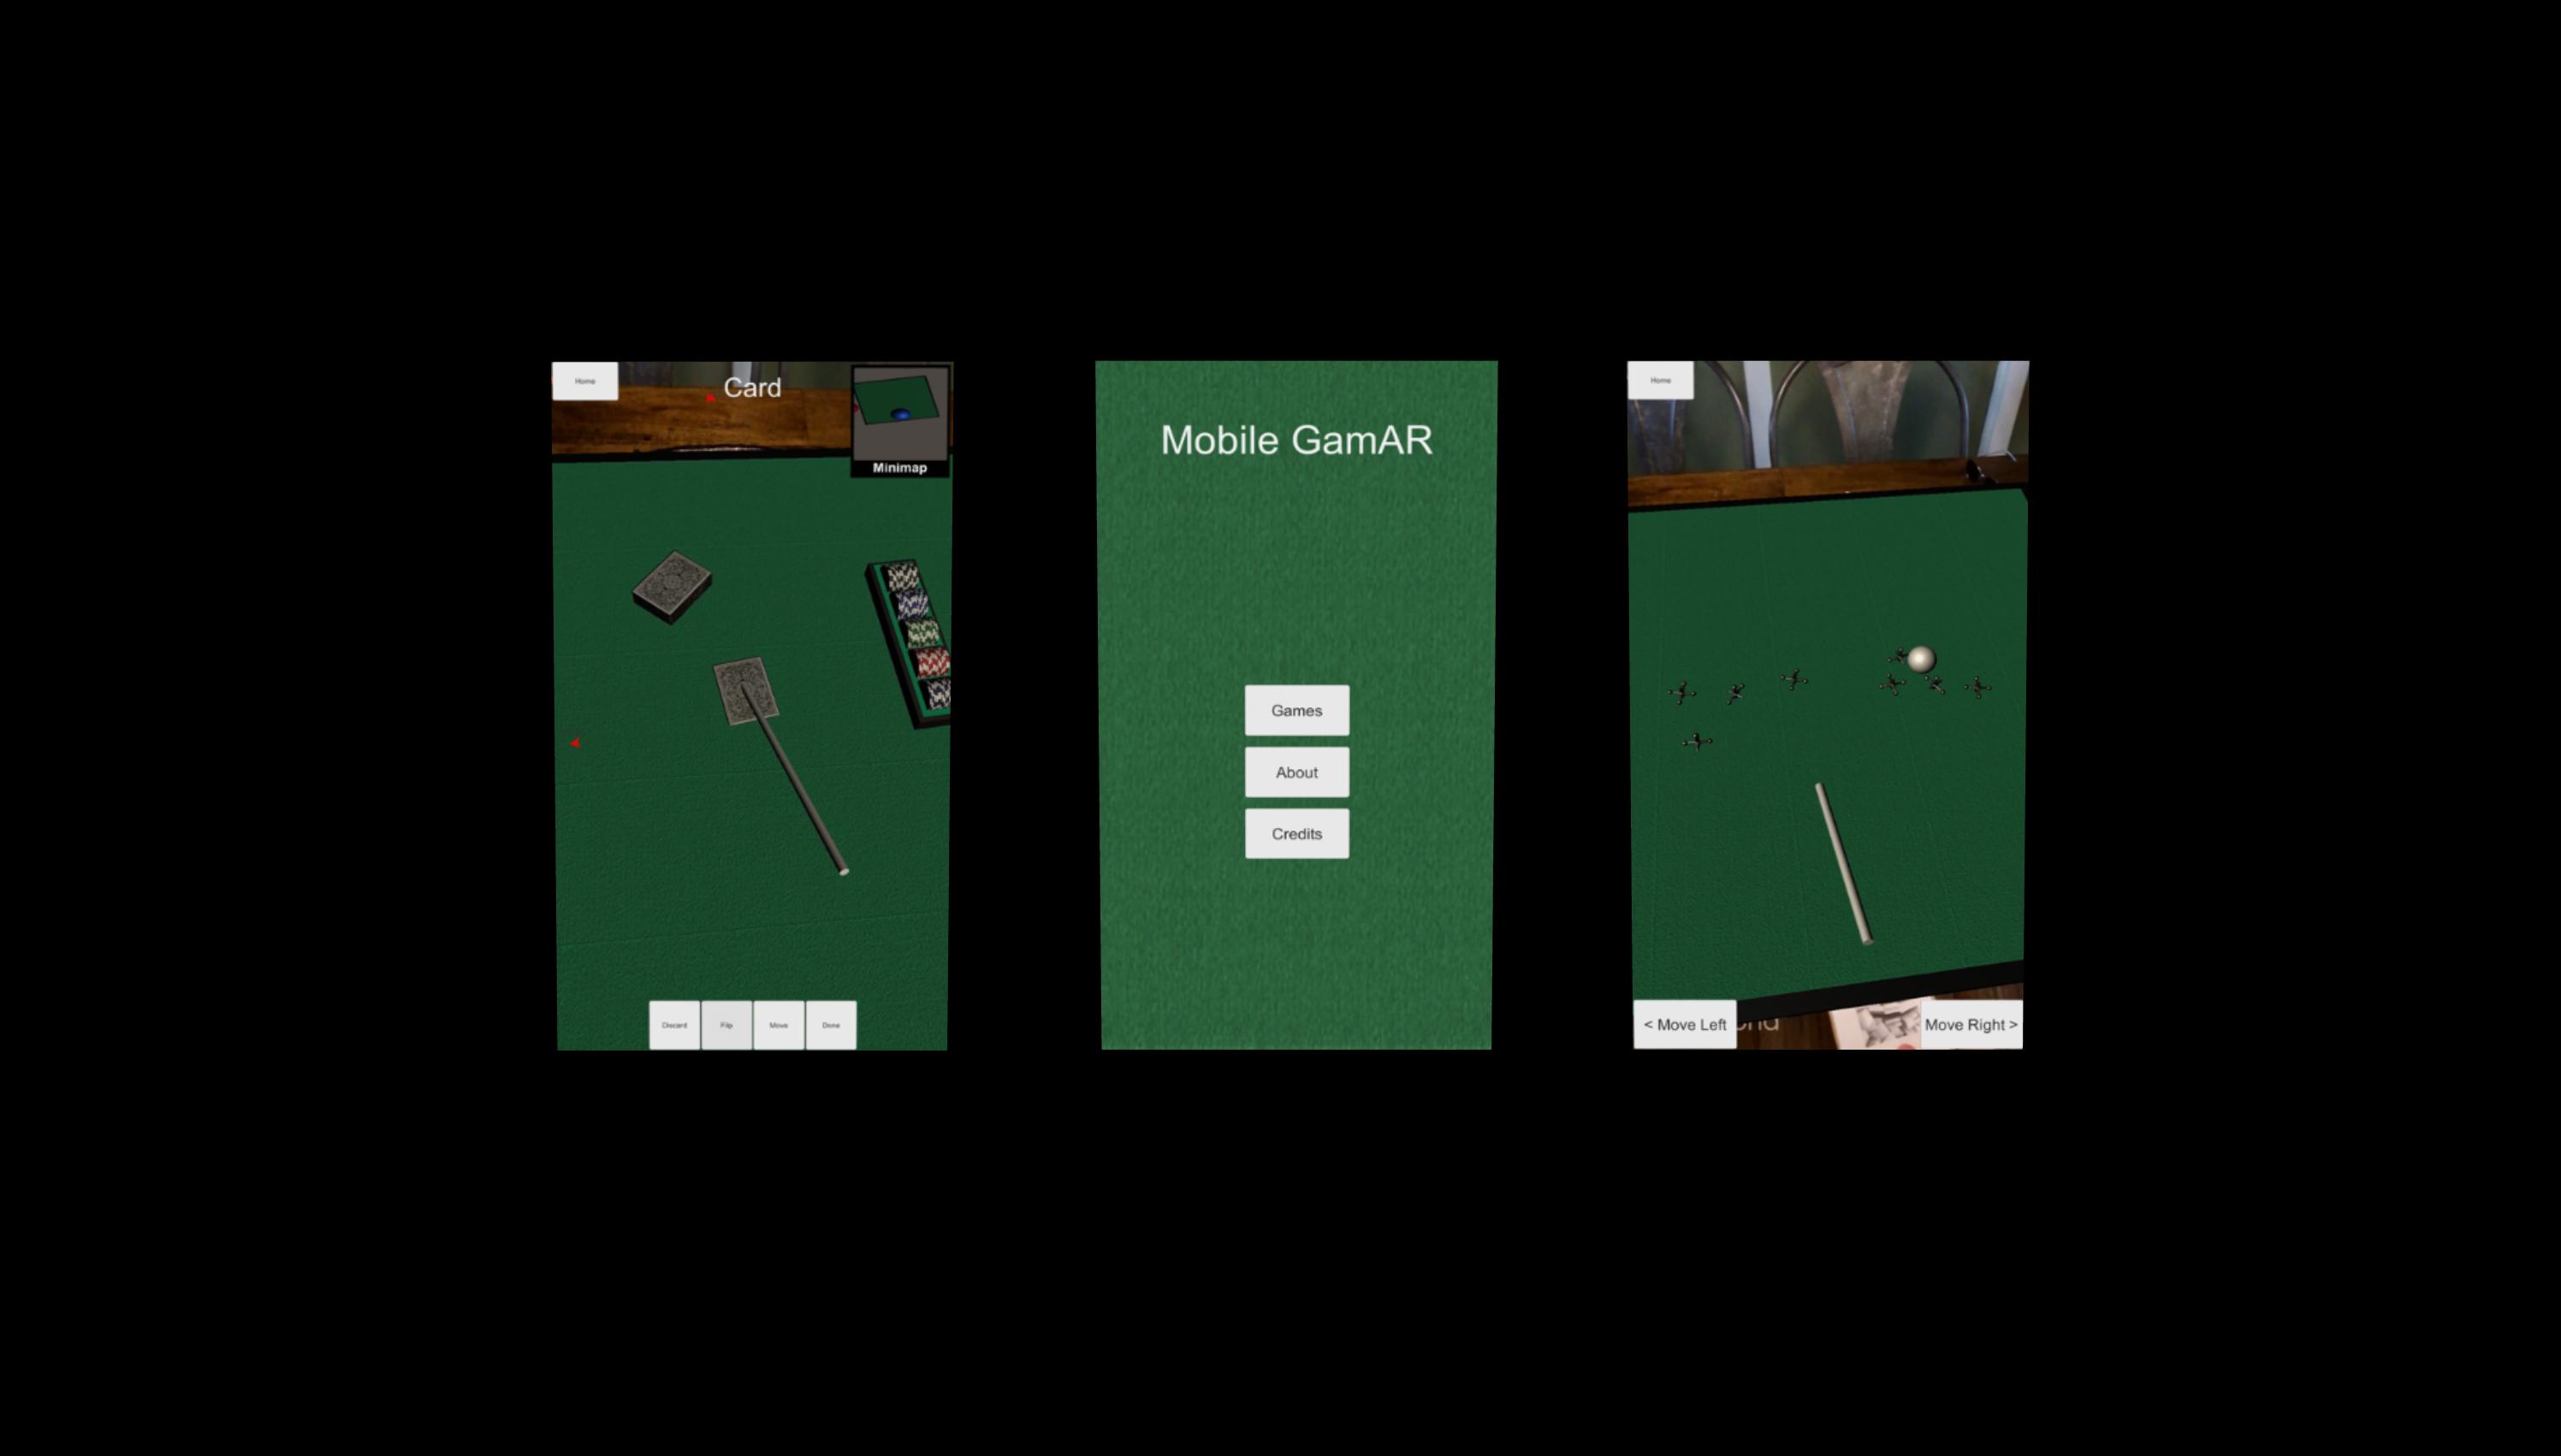 Mobile GamAR Spashscreen